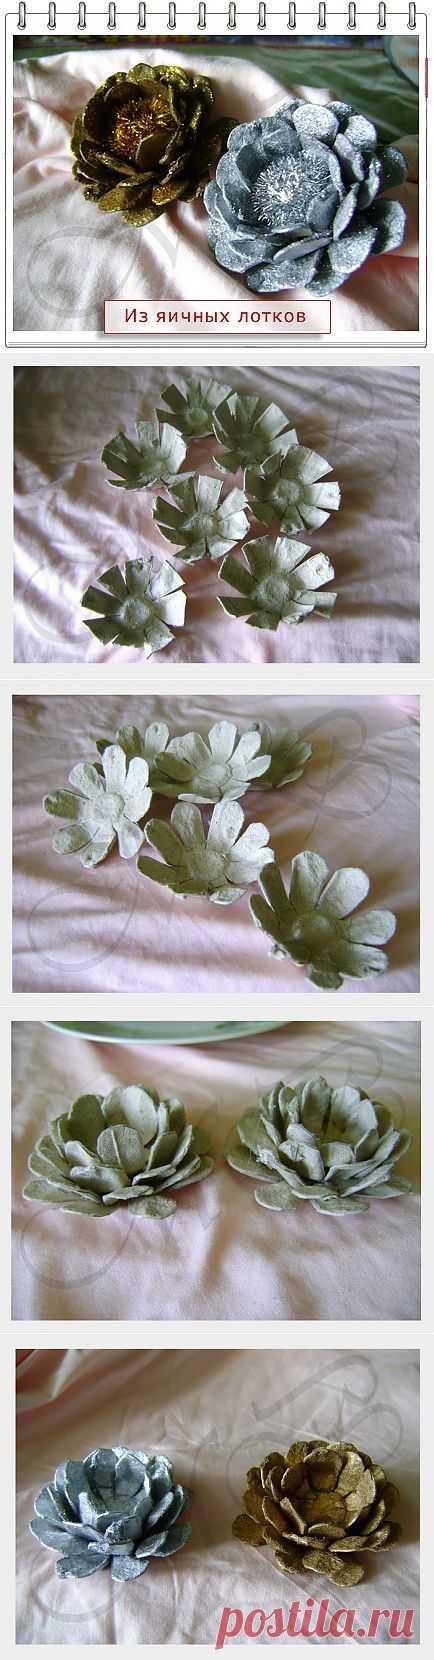 Цветы из яичных лотков..